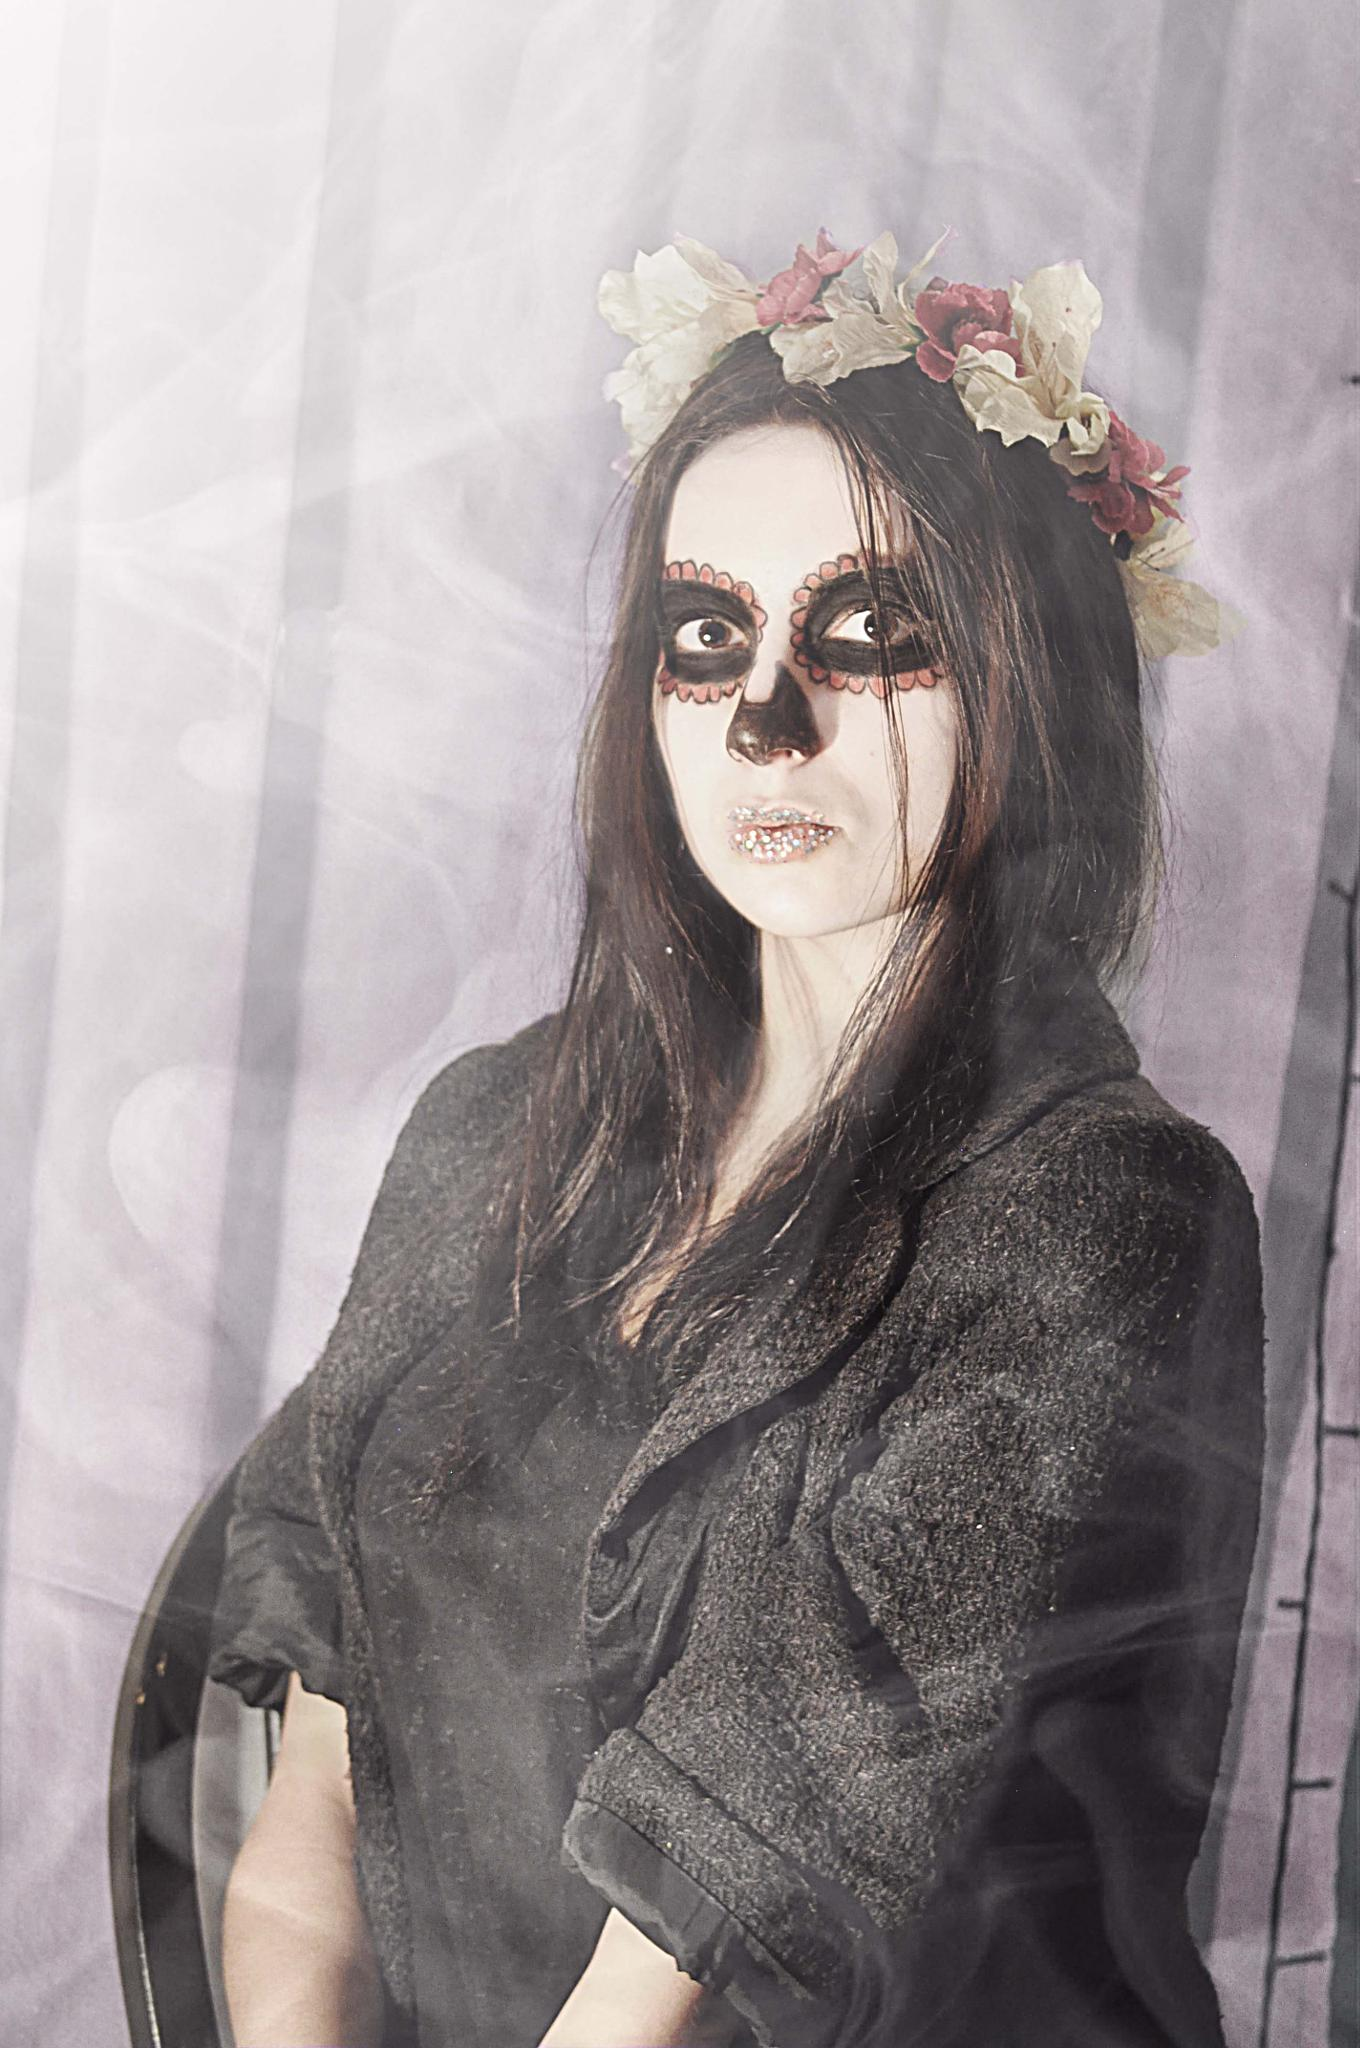 Zombie by Daria Burman